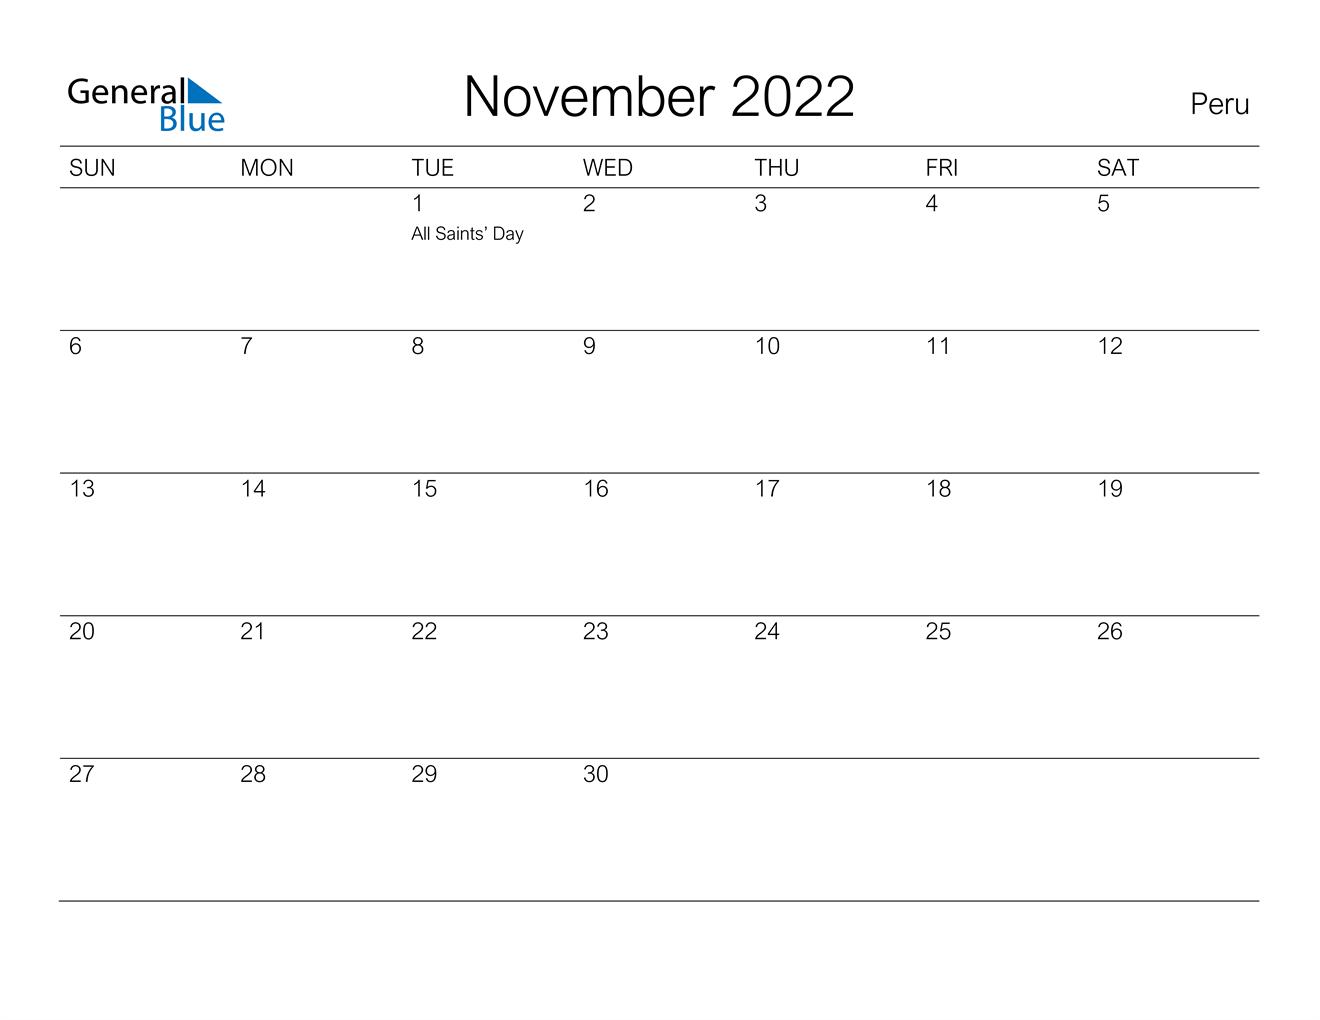 November 2022 Calendar - Peru